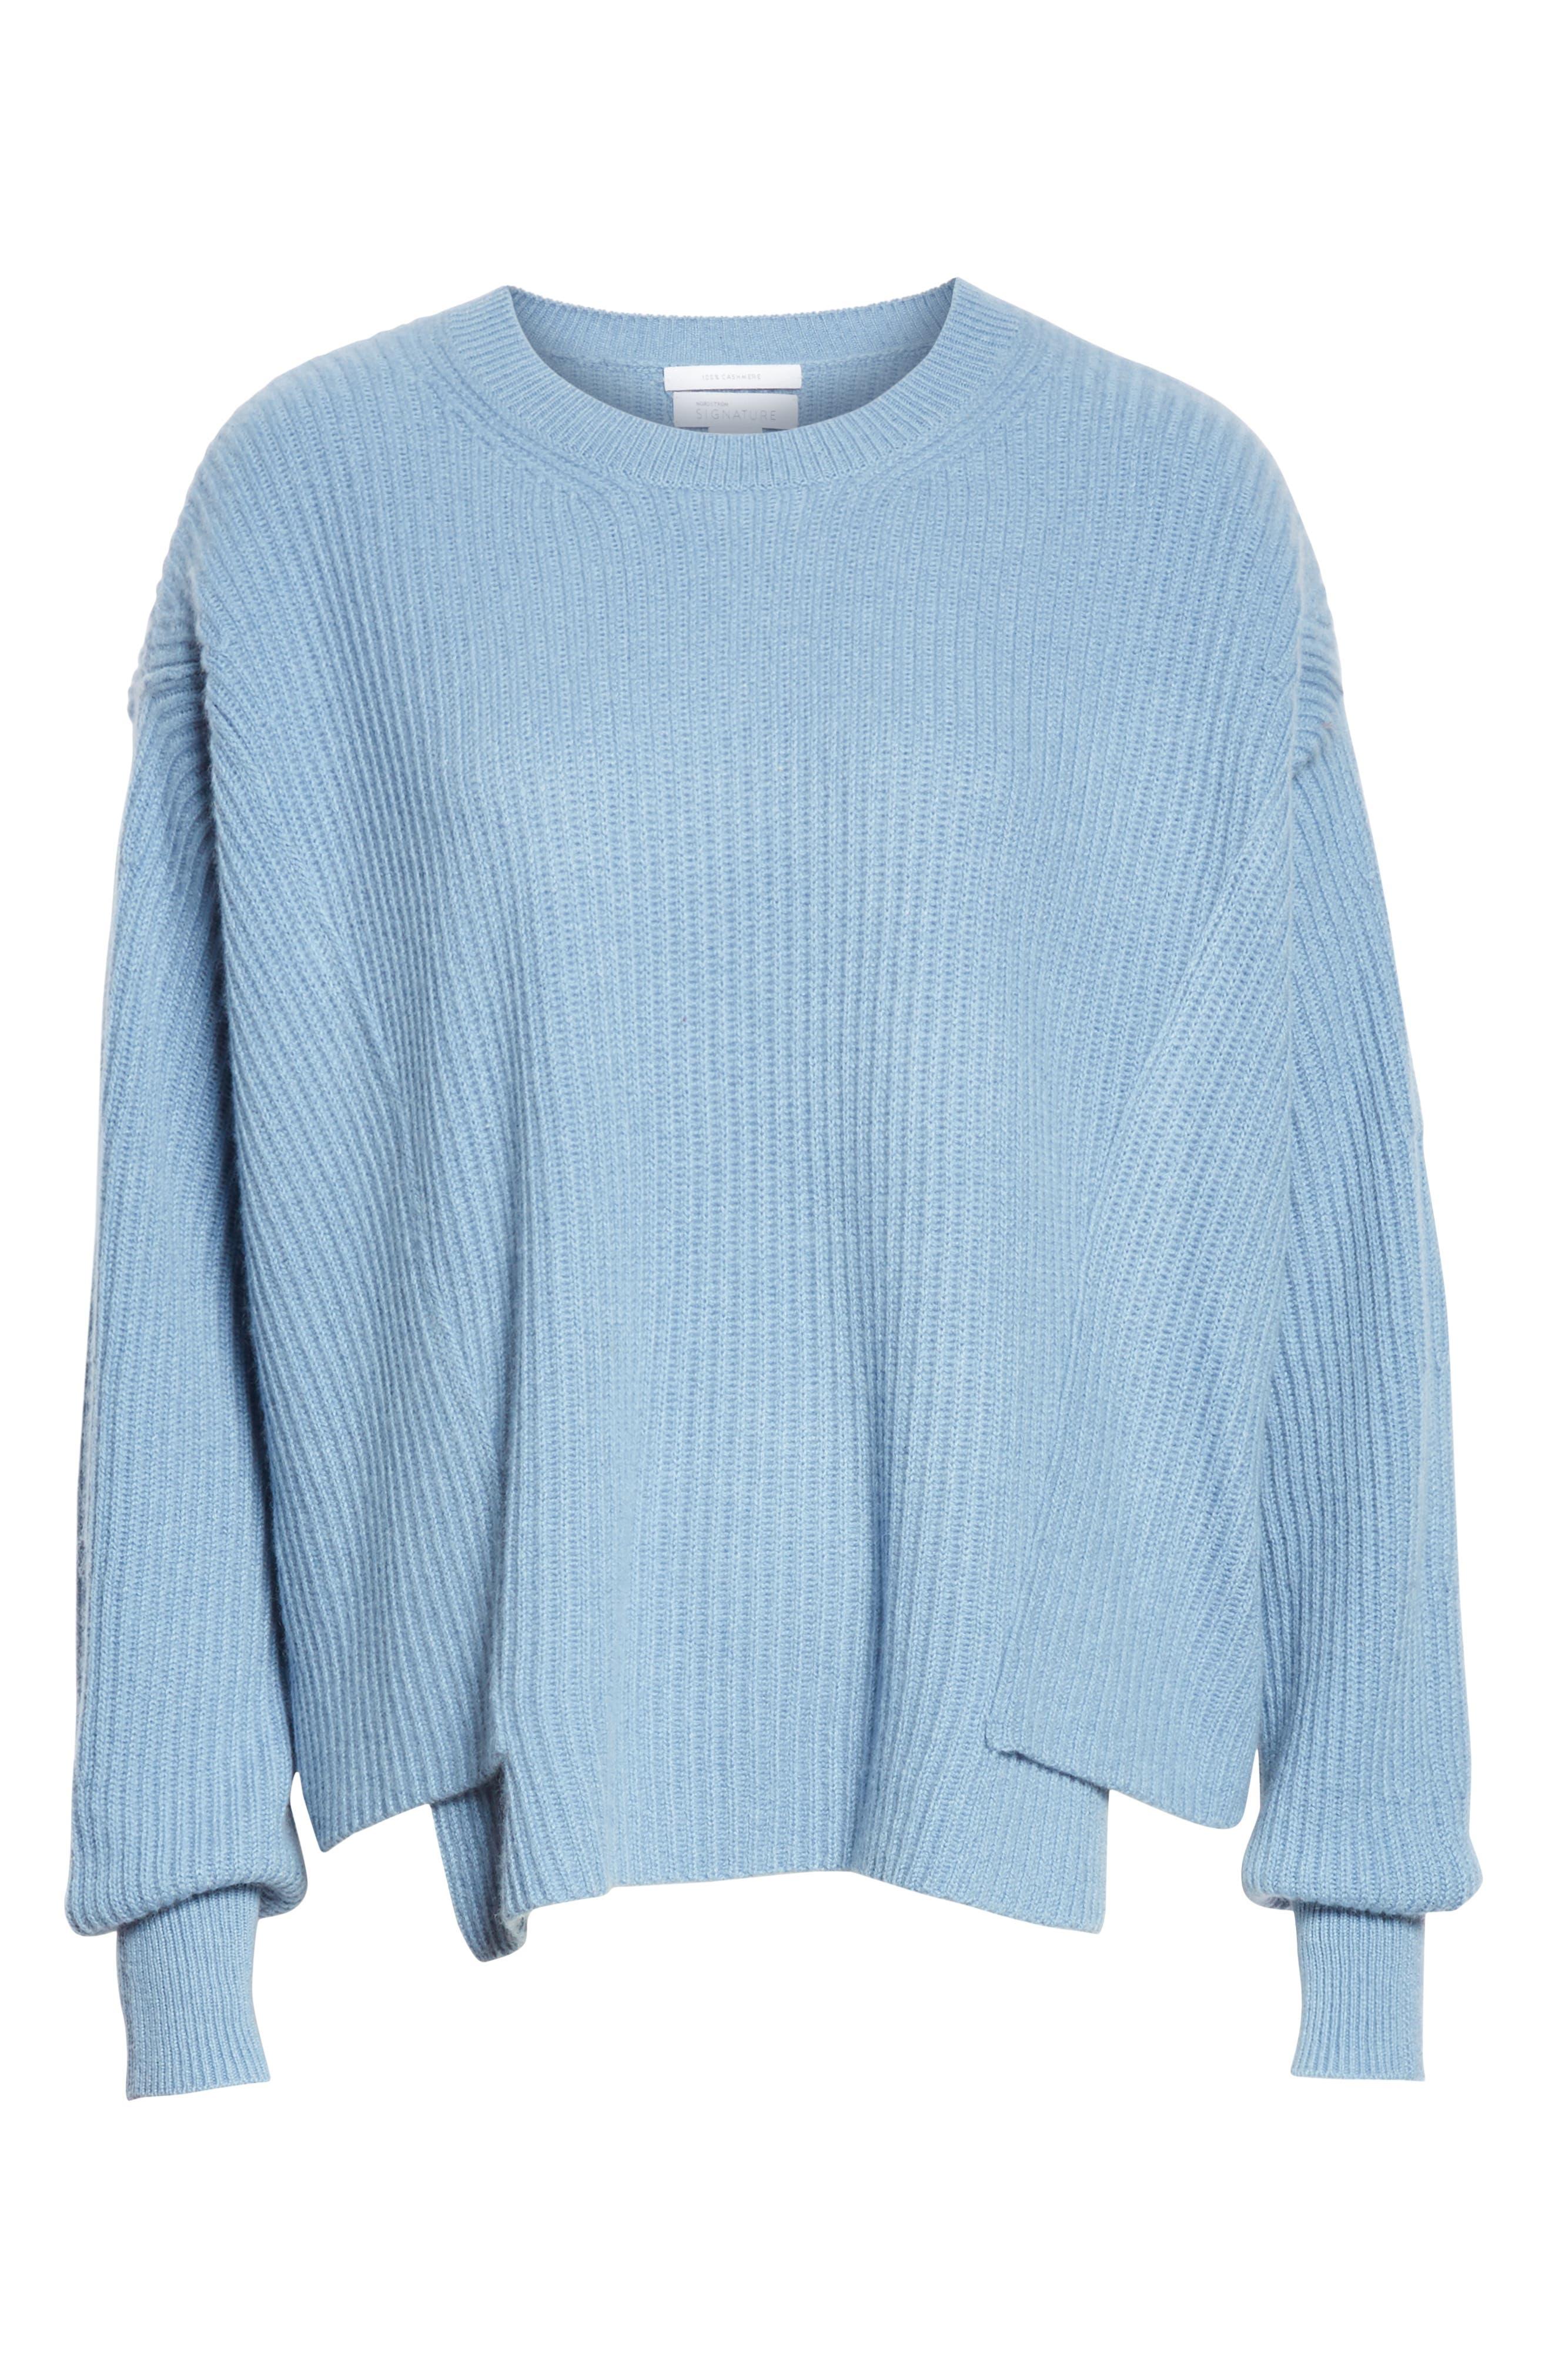 Rib Knit Cashmere Sweater,                             Alternate thumbnail 6, color,                             420